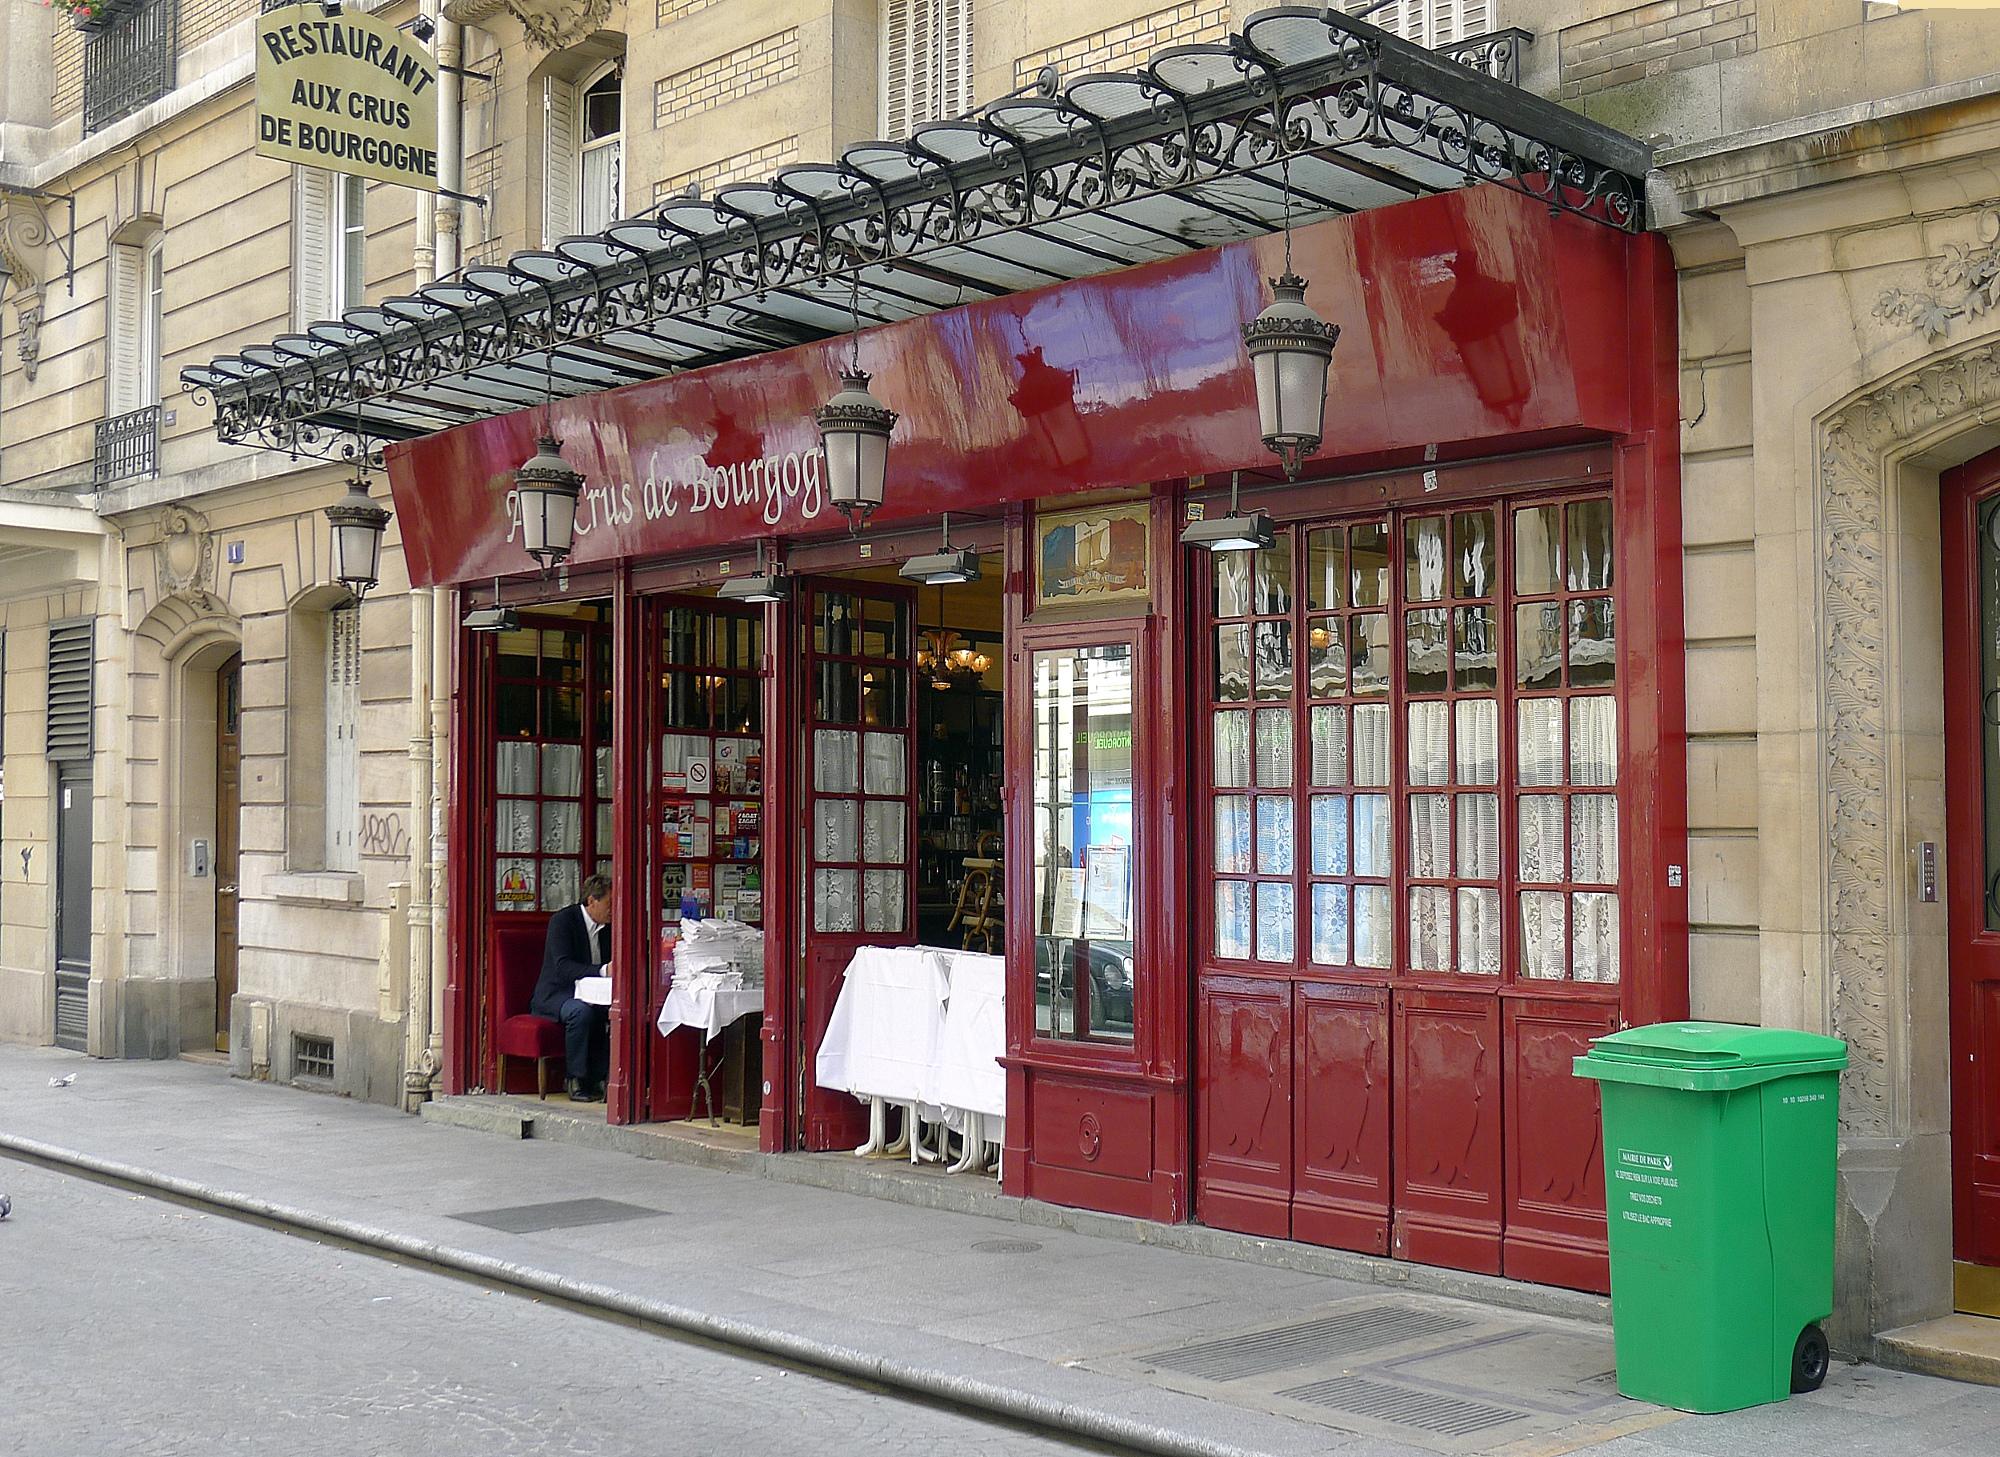 Restaurant Rue Front Aylmer